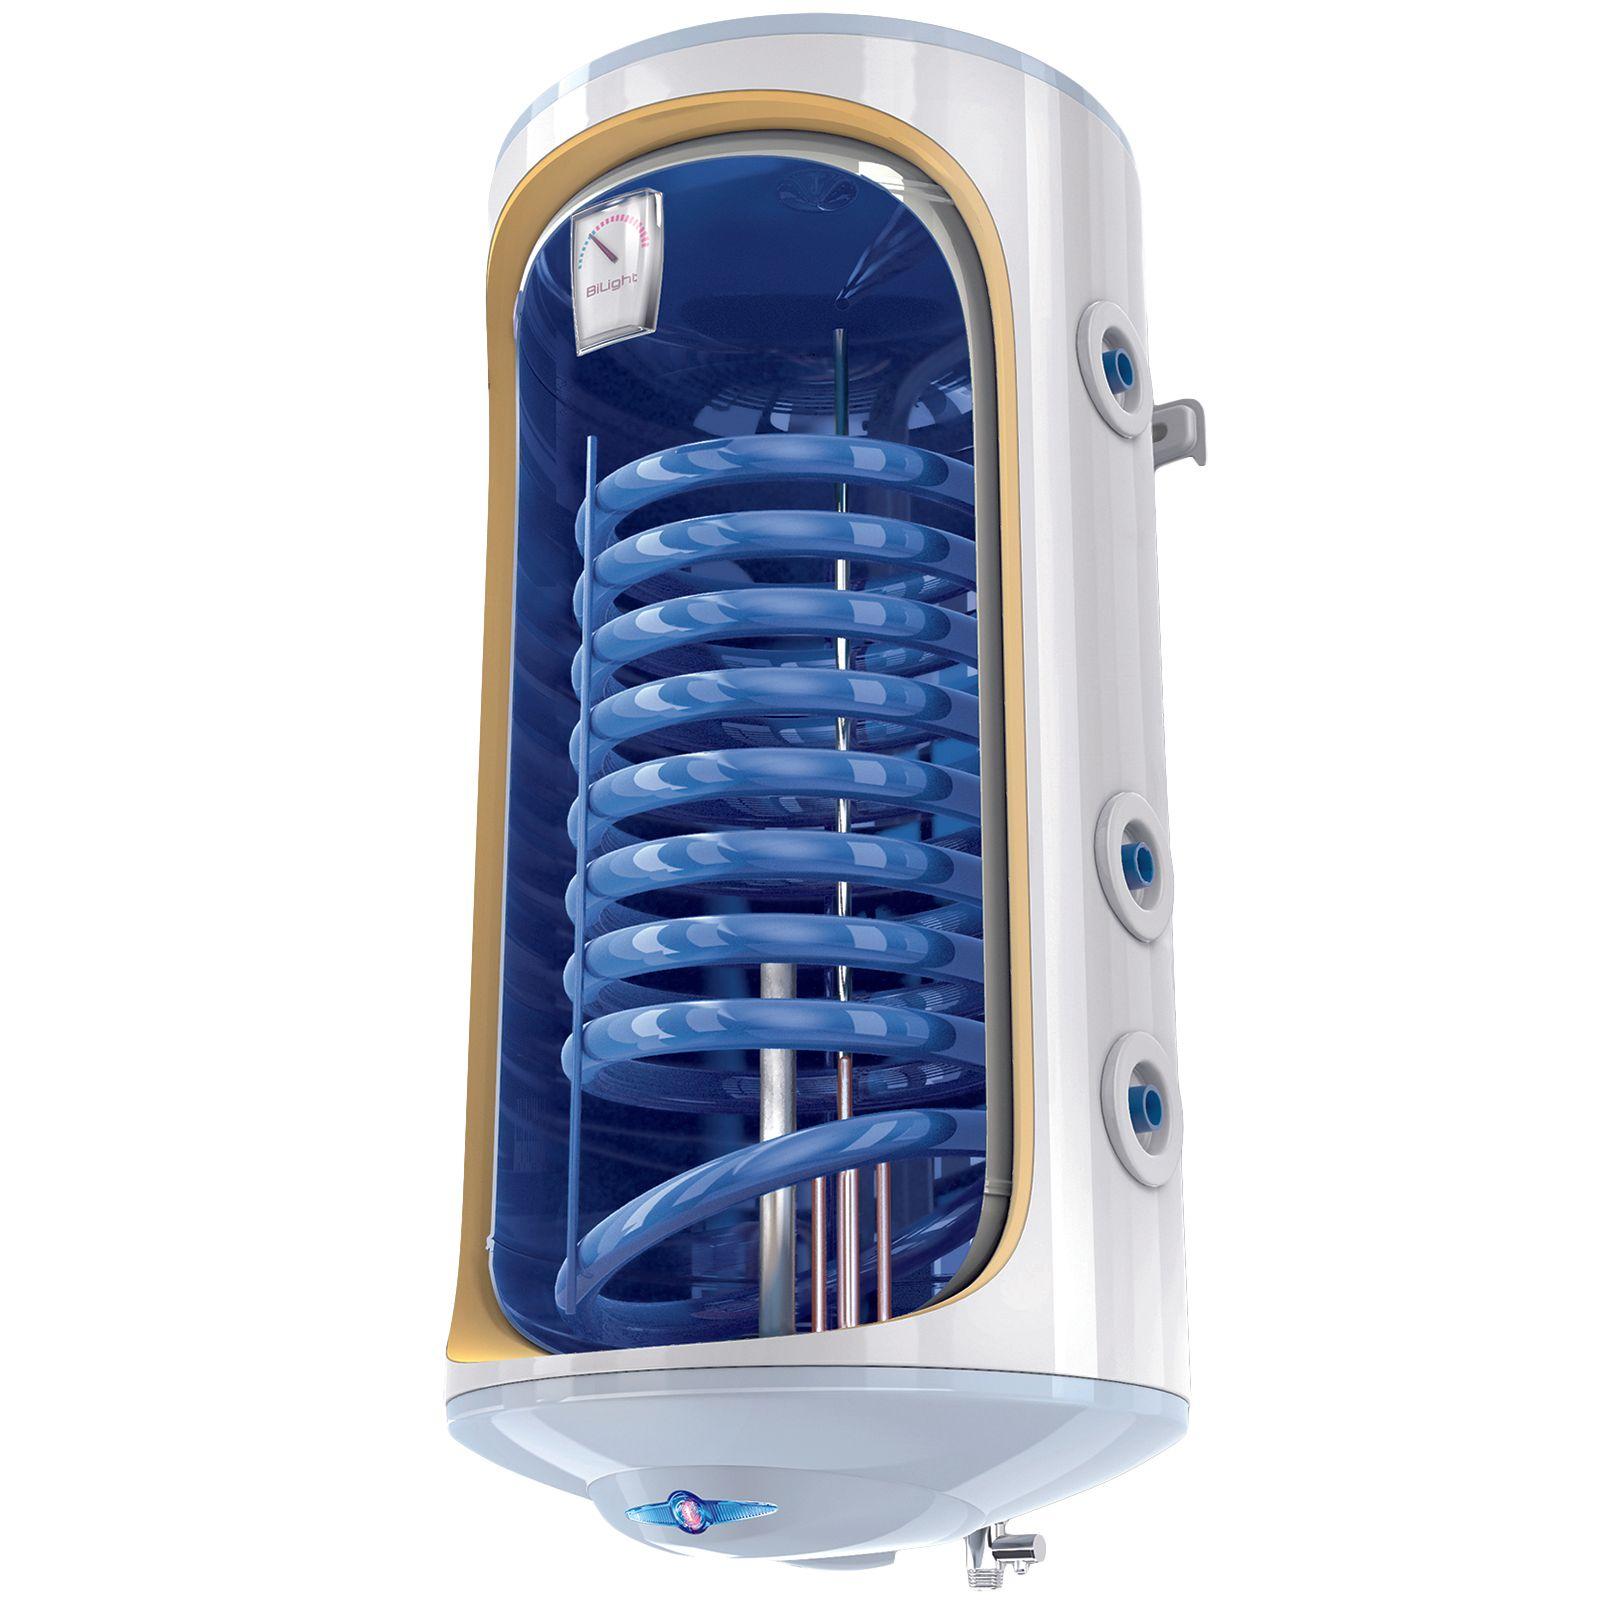 Boiler termoelectric cu serpentina Tesy BiLight GCV9S 1504420 B11 TSRP, 2000 W, 150 l, 0.8 Mpa, 18 mm imagine fornello.ro